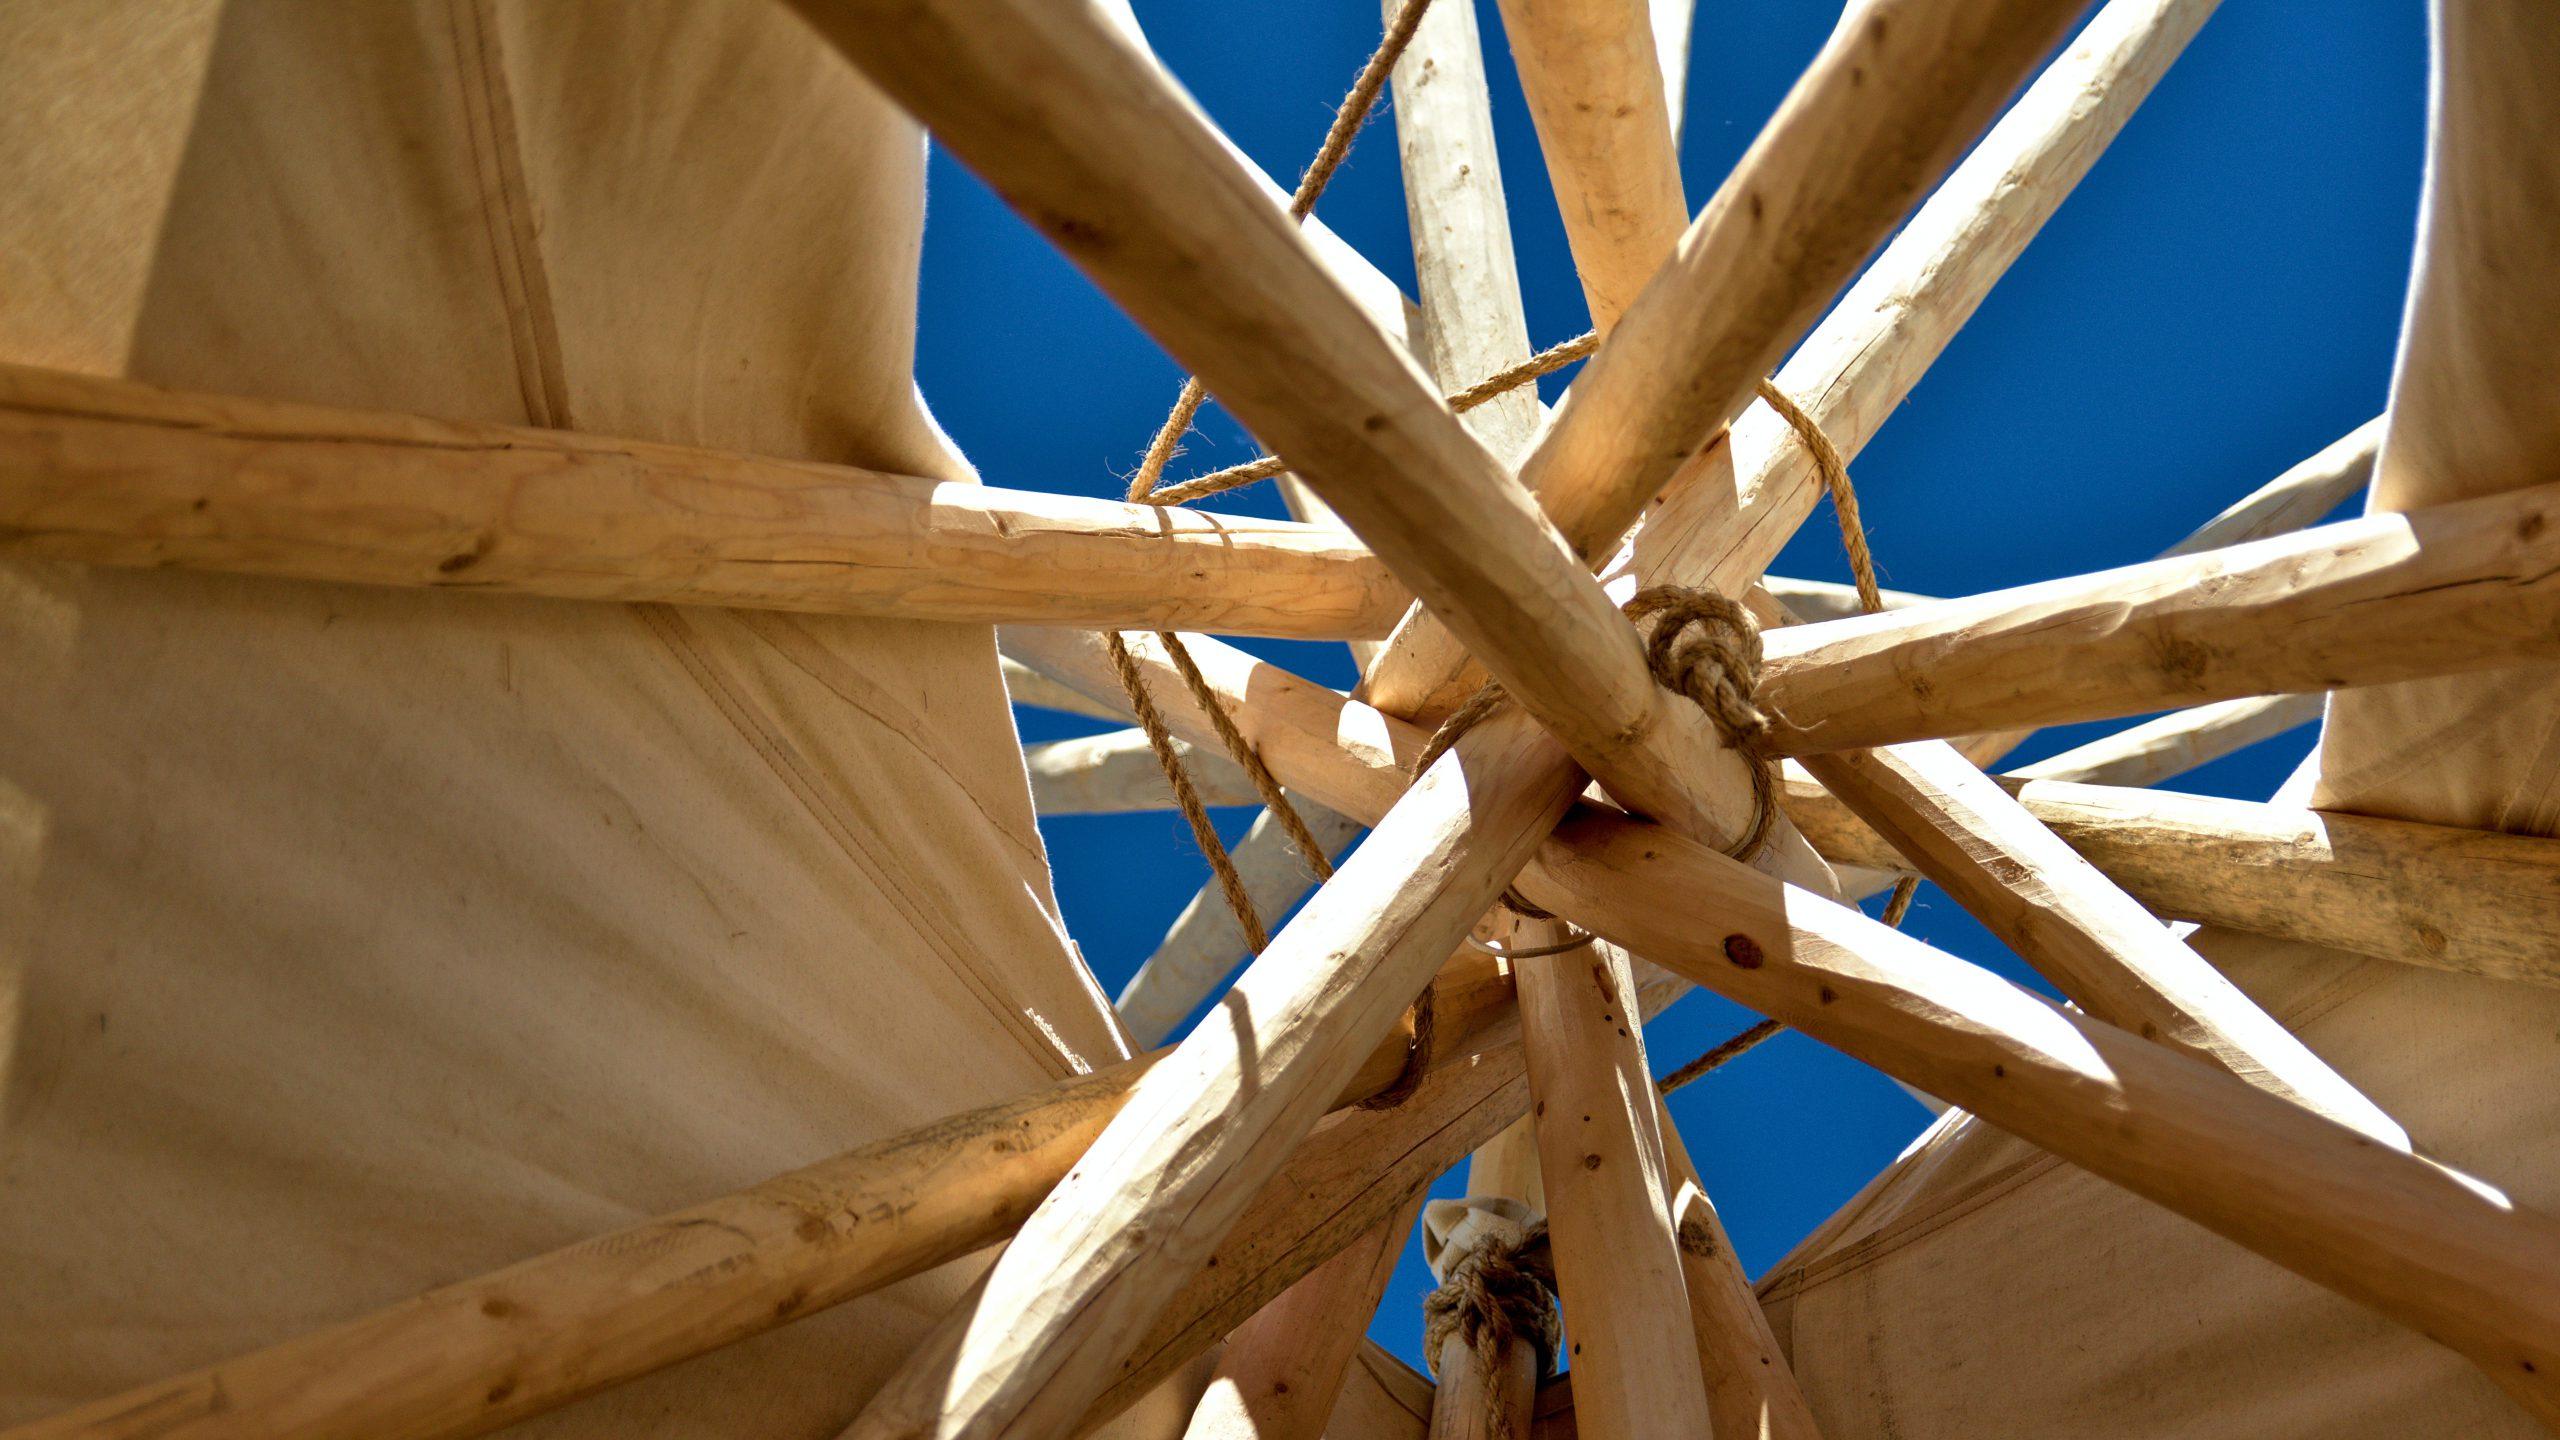 Jak poprawnie łączyć drewno konstrukcyjne?